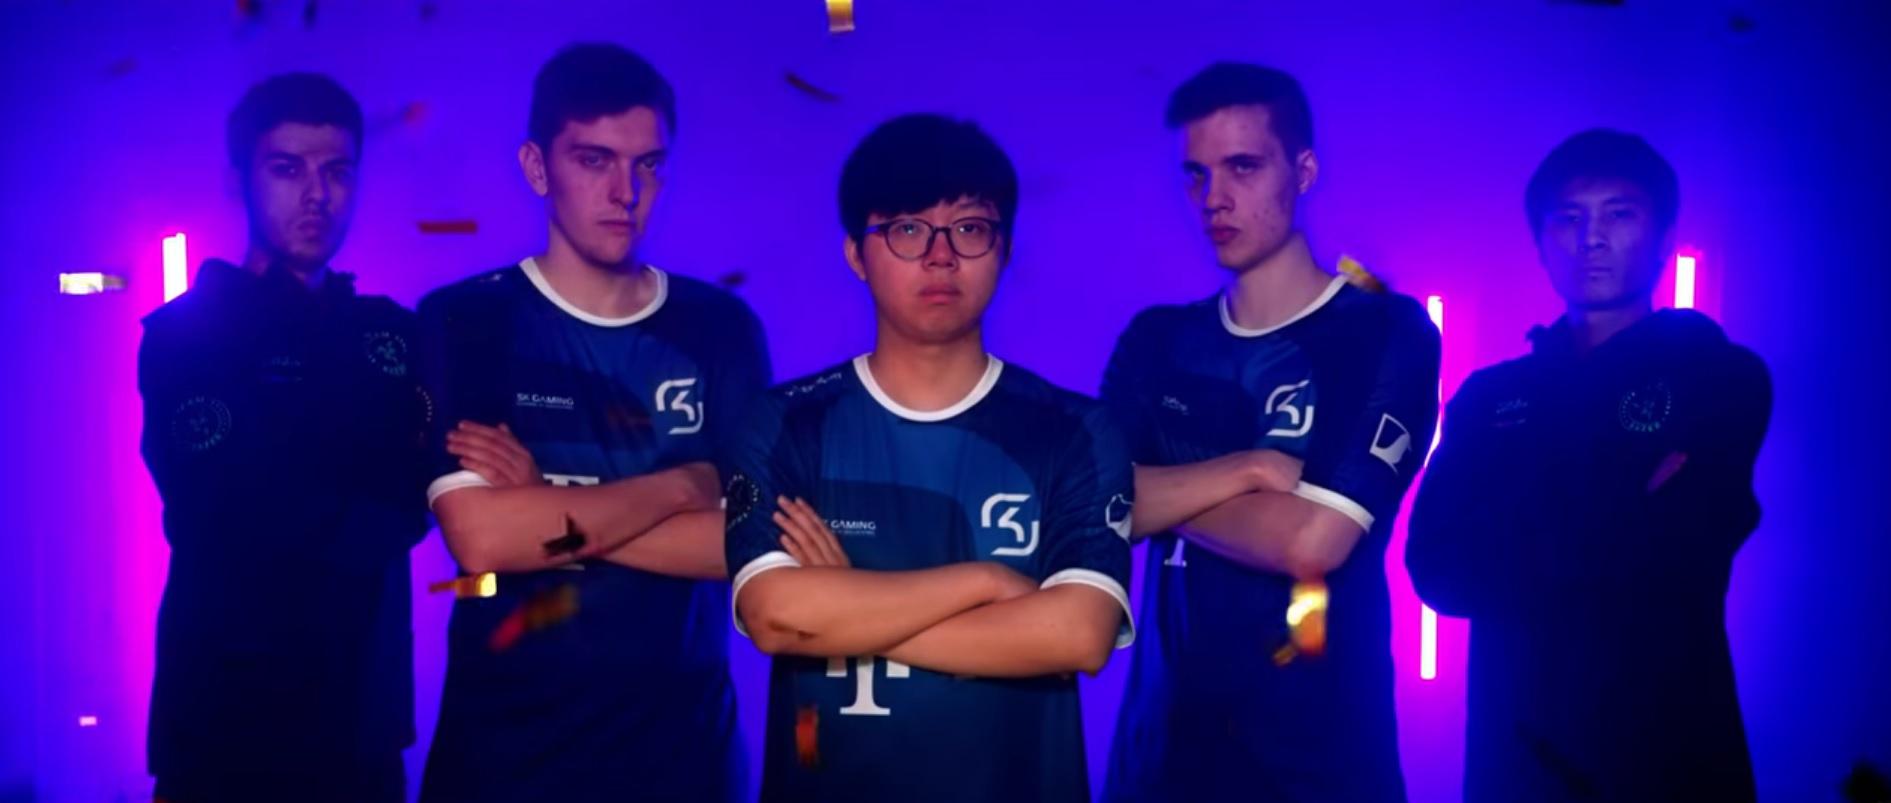 SK Gaming LEC